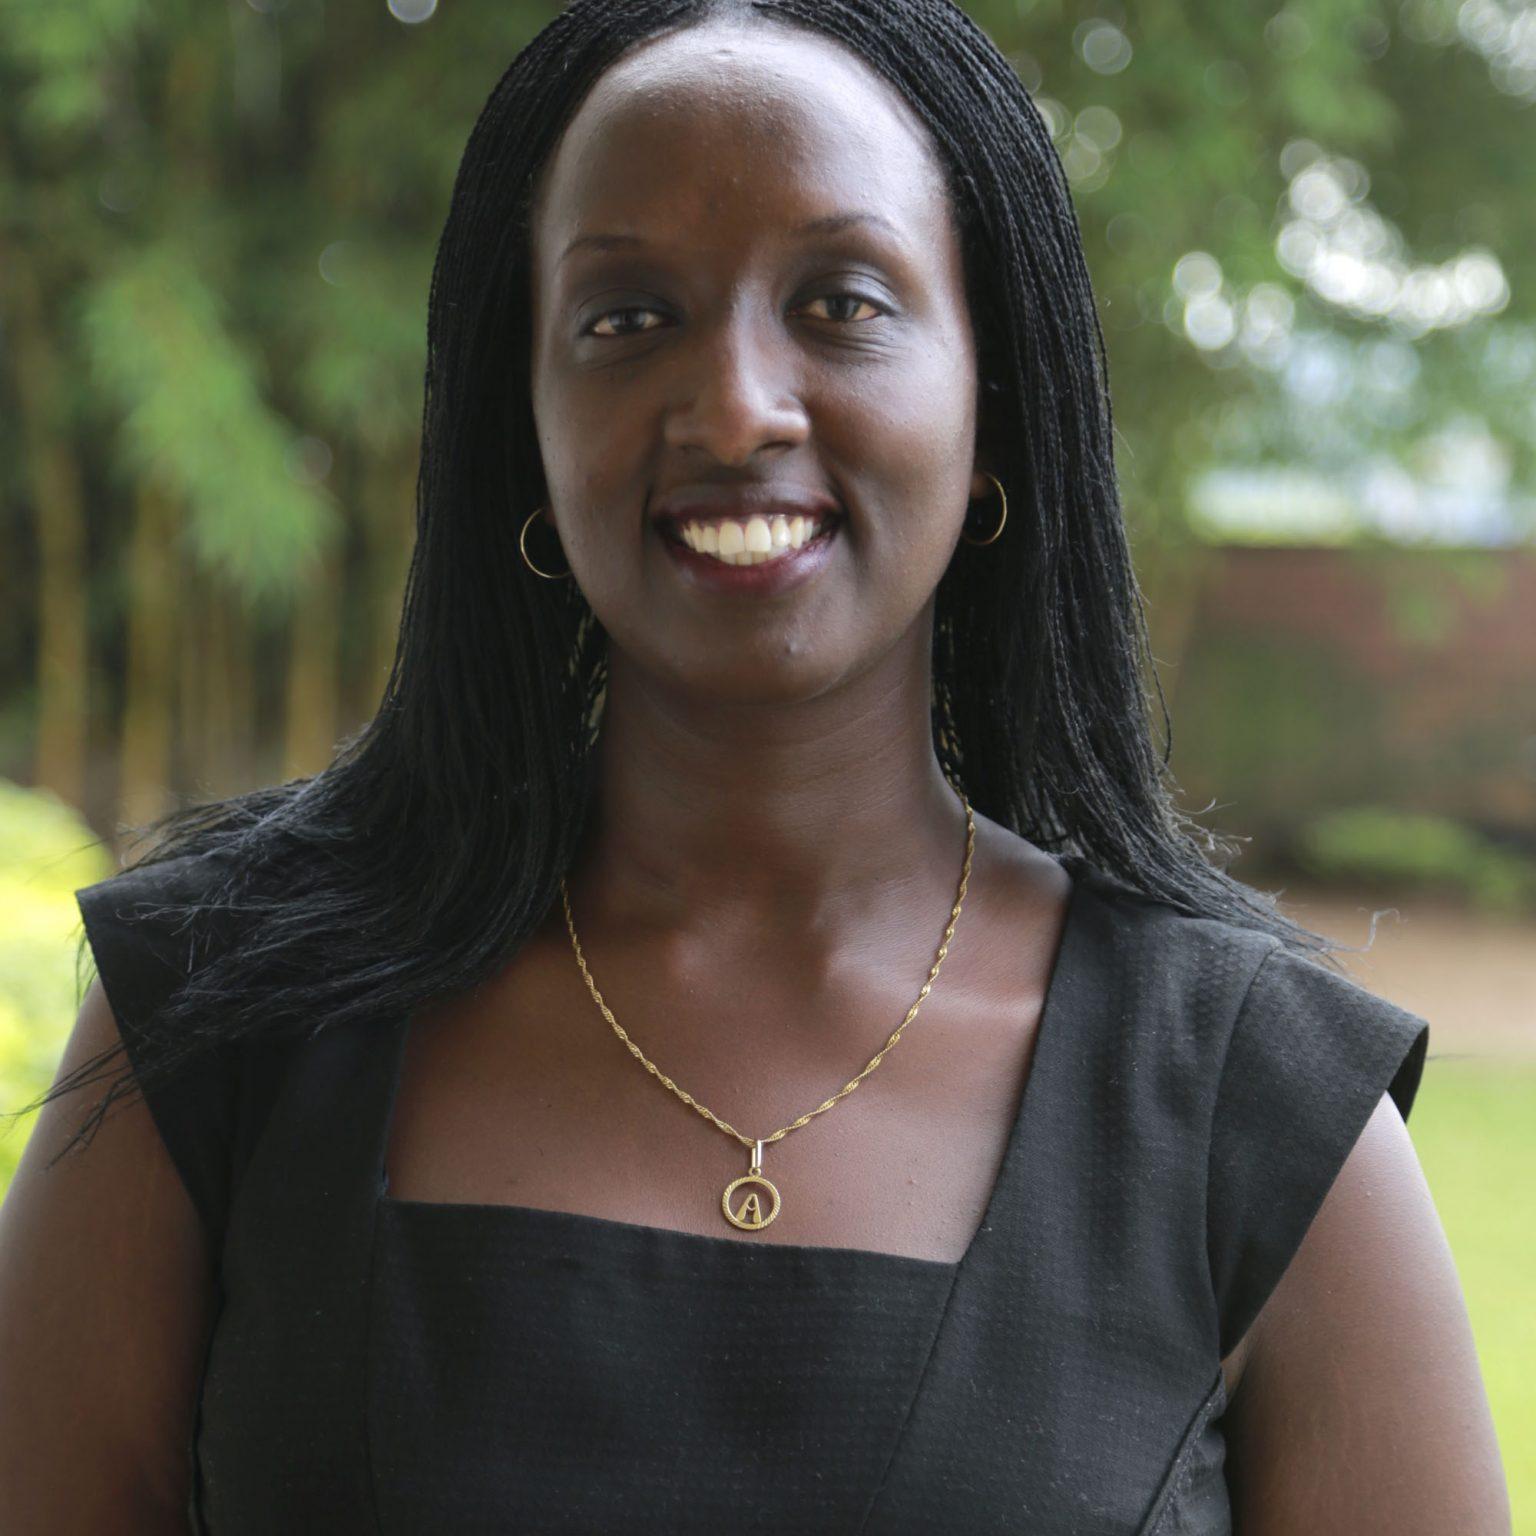 Anita Kayirangwa